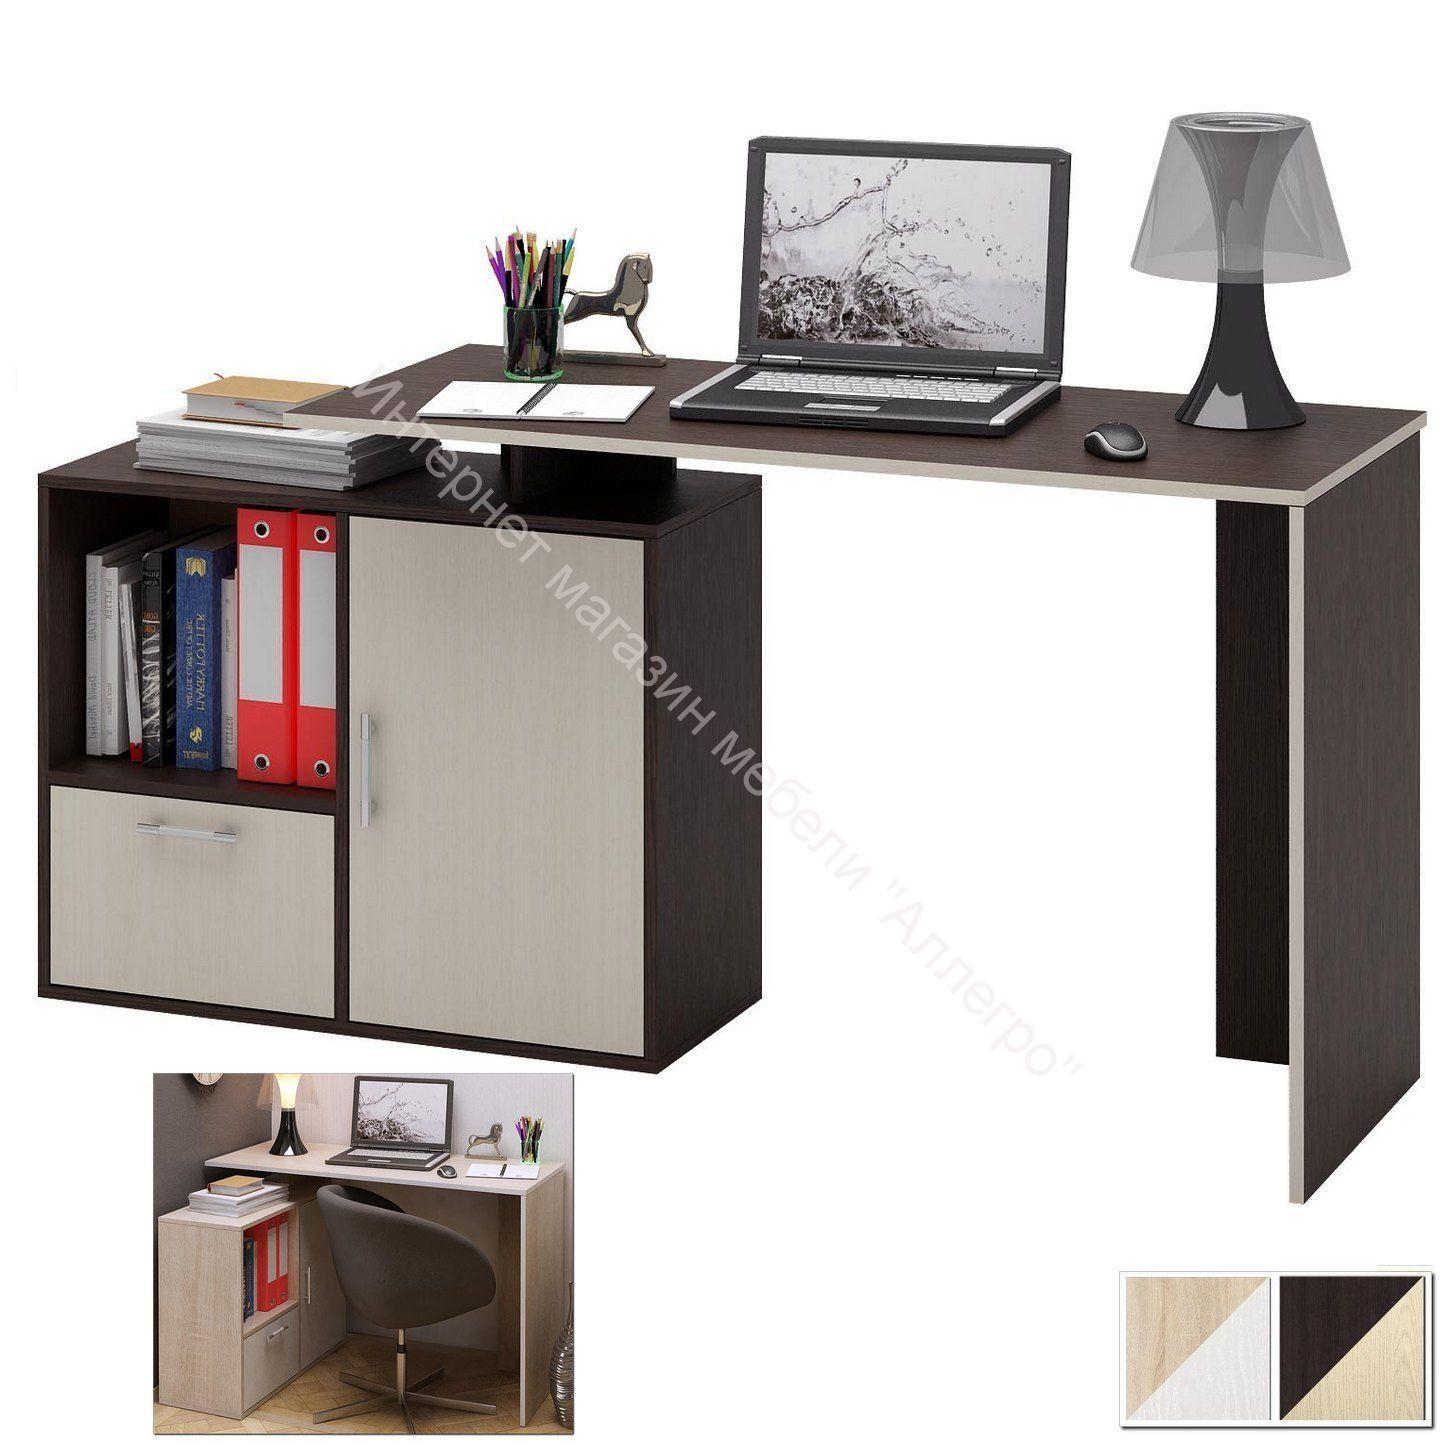 Стол компьютерный Слим 4 прямой/угловой